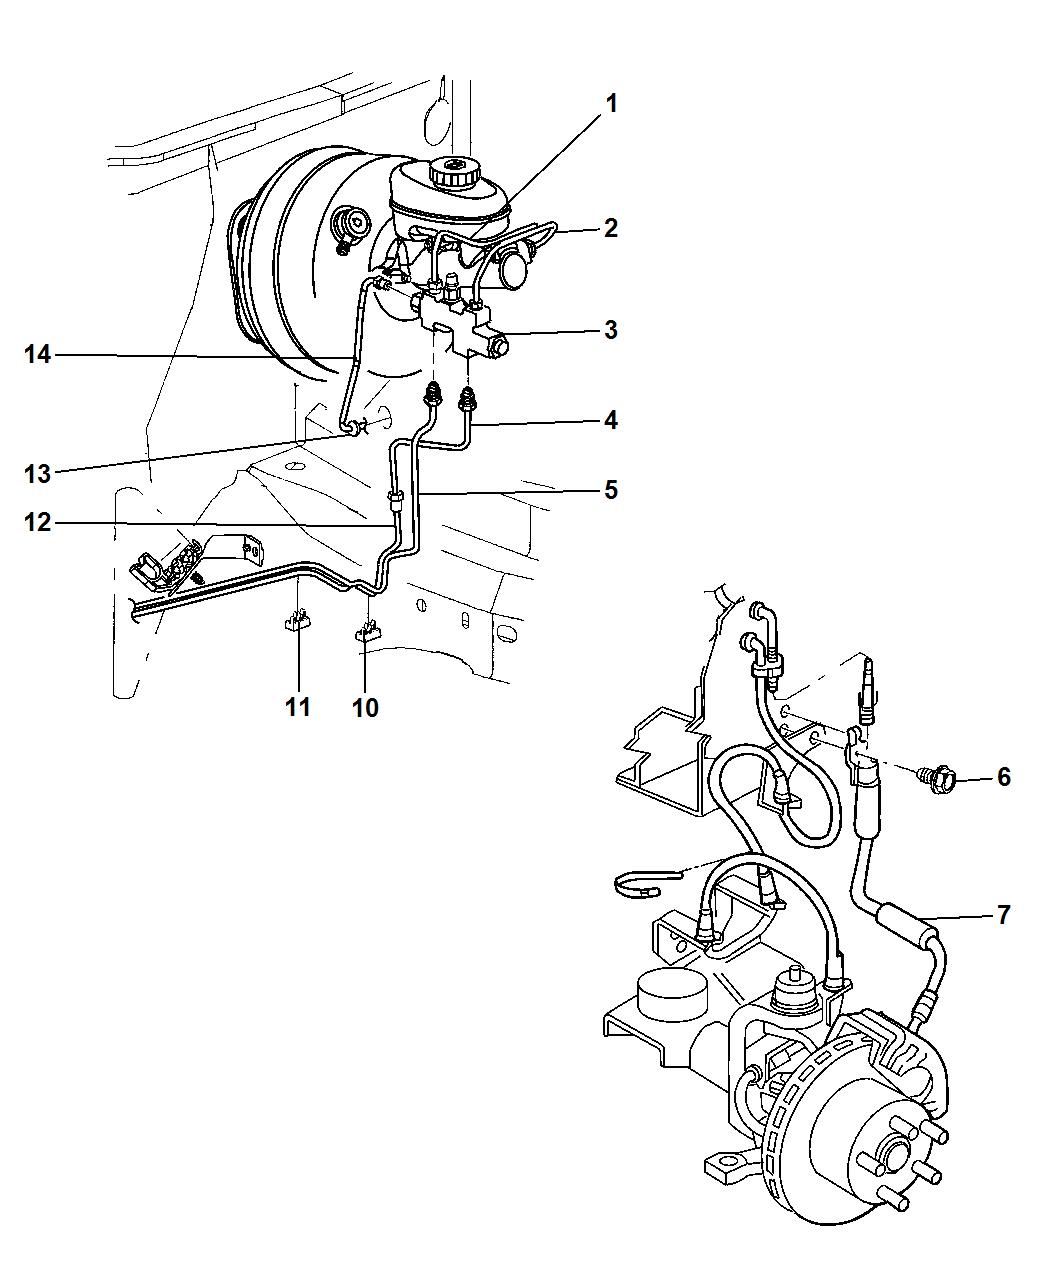 [GL_6873] Jeep Brakes Diagram Schematic Wiring